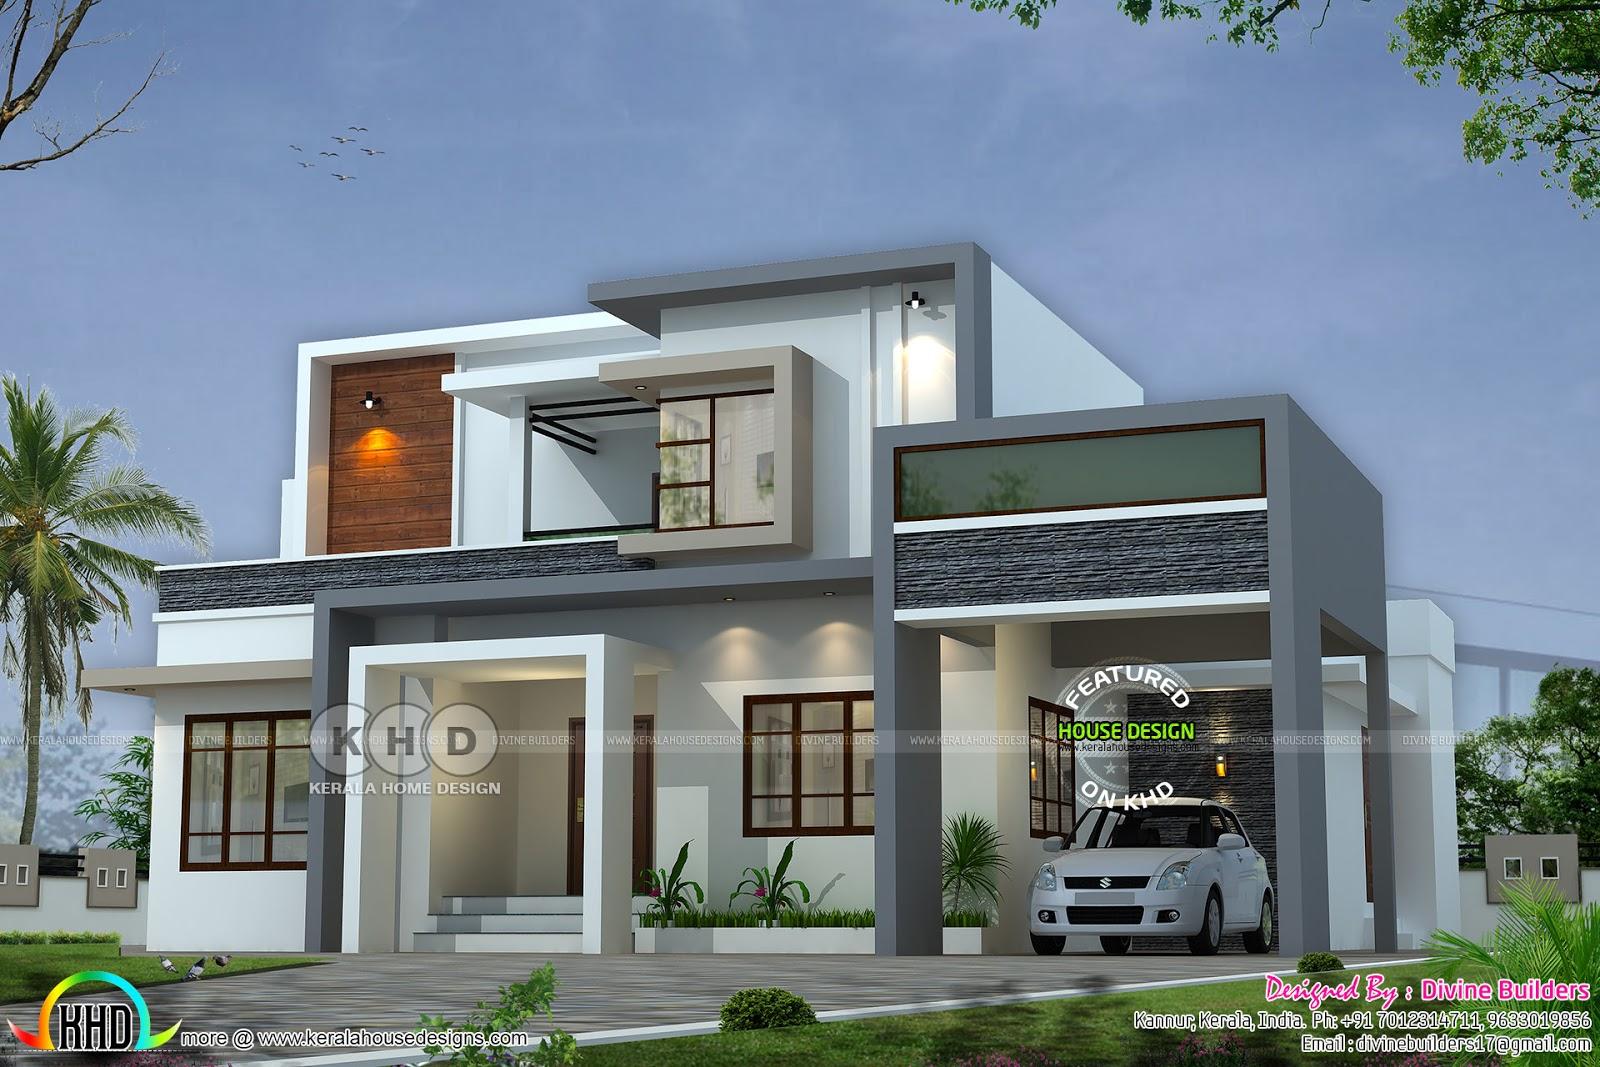 Best Kitchen Gallery: 2017 Kerala Home Design And Floor Plans of Kerala Home Design  on rachelxblog.com